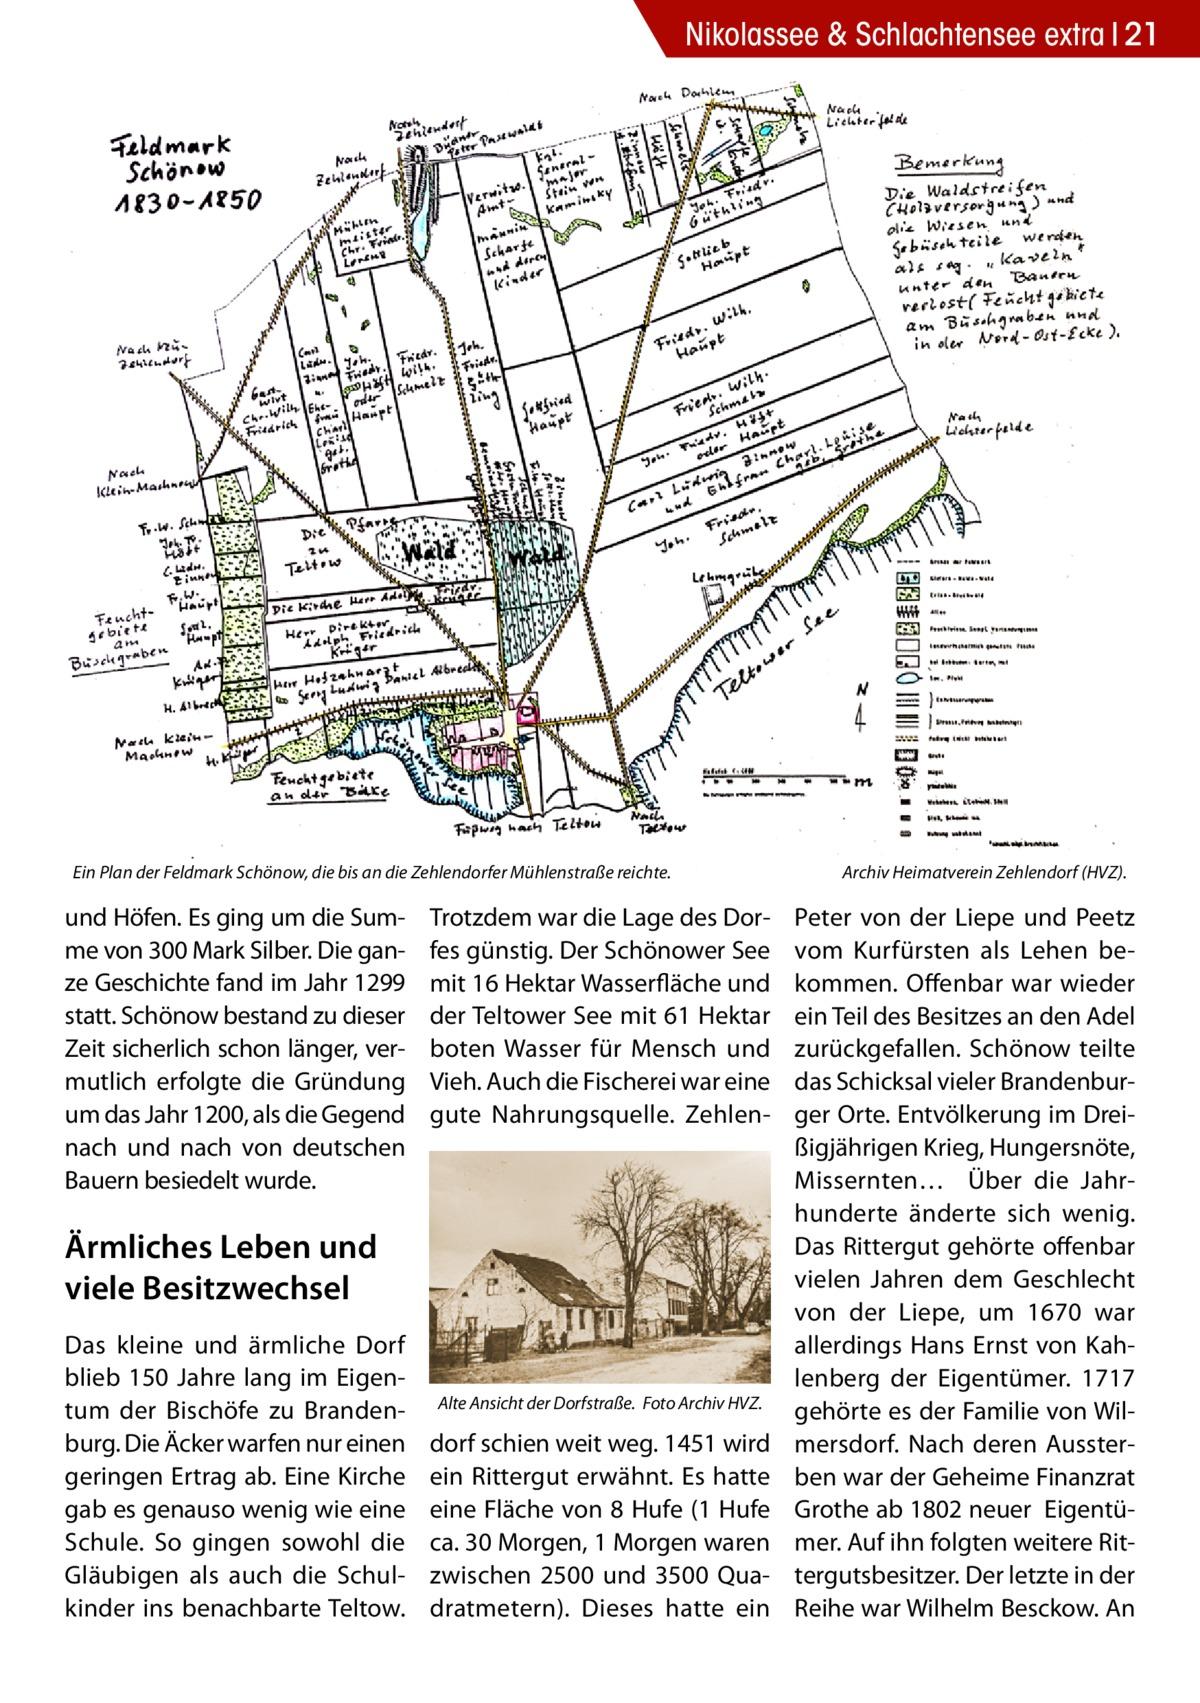 Nikolassee & Schlachtensee extra 21  Ein Plan der Feldmark Schönow, die bis an die Zehlendorfer Mühlenstraße reichte. �  und Höfen. Es ging um die Summe von 300 Mark Silber. Die ganze Geschichte fand im Jahr 1299 statt. Schönow bestand zu dieser Zeit sicherlich schon länger, vermutlich erfolgte die Gründung um das Jahr 1200, als die Gegend nach und nach von deutschen Bauern besiedelt wurde.  Trotzdem war die Lage des Dorfes günstig. Der Schönower See mit 16 Hektar Wasserfläche und der Teltower See mit 61 Hektar boten Wasser für Mensch und Vieh. Auch die Fischerei war eine gute Nahrungsquelle. Zehlen Ärmliches Leben und viele Besitzwechsel Das kleine und ärmliche Dorf blieb 150 Jahre lang im Eigentum der Bischöfe zu Brandenburg. Die Äcker warfen nur einen geringen Ertrag ab. Eine Kirche gab es genauso wenig wie eine Schule. So gingen sowohl die Gläubigen als auch die Schulkinder ins benachbarte Teltow.  Alte Ansicht der Dorfstraße. �Foto Archiv HVZ.  dorf schien weit weg. 1451 wird ein Rittergut erwähnt. Es hatte eine Fläche von 8 Hufe (1 Hufe ca. 30 Morgen, 1 Morgen waren zwischen 2500 und 3500 Quadratmetern). Dieses hatte ein  Archiv Heimatverein Zehlendorf (HVZ).  Peter von der Liepe und Peetz vom Kurfürsten als Lehen bekommen. Offenbar war wieder ein Teil des Besitzes an den Adel zurückgefallen. Schönow teilte das Schicksal vieler Brandenburger Orte. Entvölkerung im Dreißigjährigen Krieg, Hungersnöte, Missernten… Über die Jahrhunderte änderte sich wenig. Das Rittergut gehörte offenbar vielen Jahren dem Geschlecht von der Liepe, um 1670 war allerdings Hans Ernst von Kahlenberg der Eigentümer. 1717 gehörte es der Familie von Wilmersdorf. Nach deren Aussterben war der Geheime Finanzrat Grothe ab 1802 neuer Eigentümer. Auf ihn folgten weitere Rittergutsbesitzer. Der letzte in der Reihe war Wilhelm Besckow. An